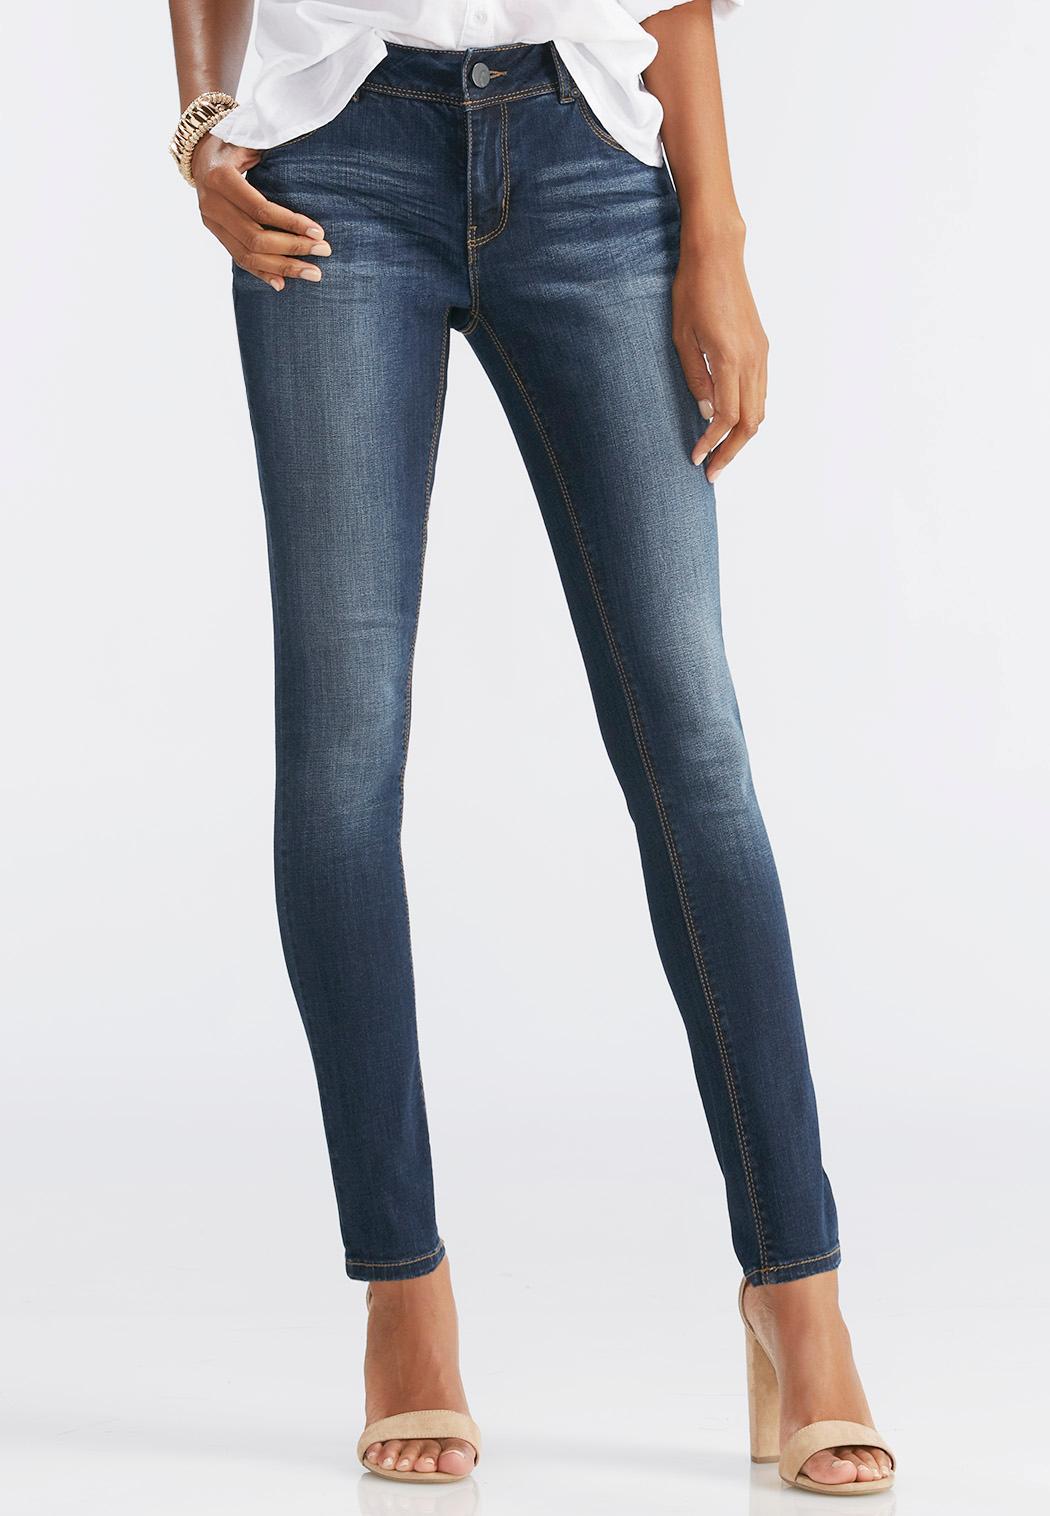 Misses skinny leg jeans